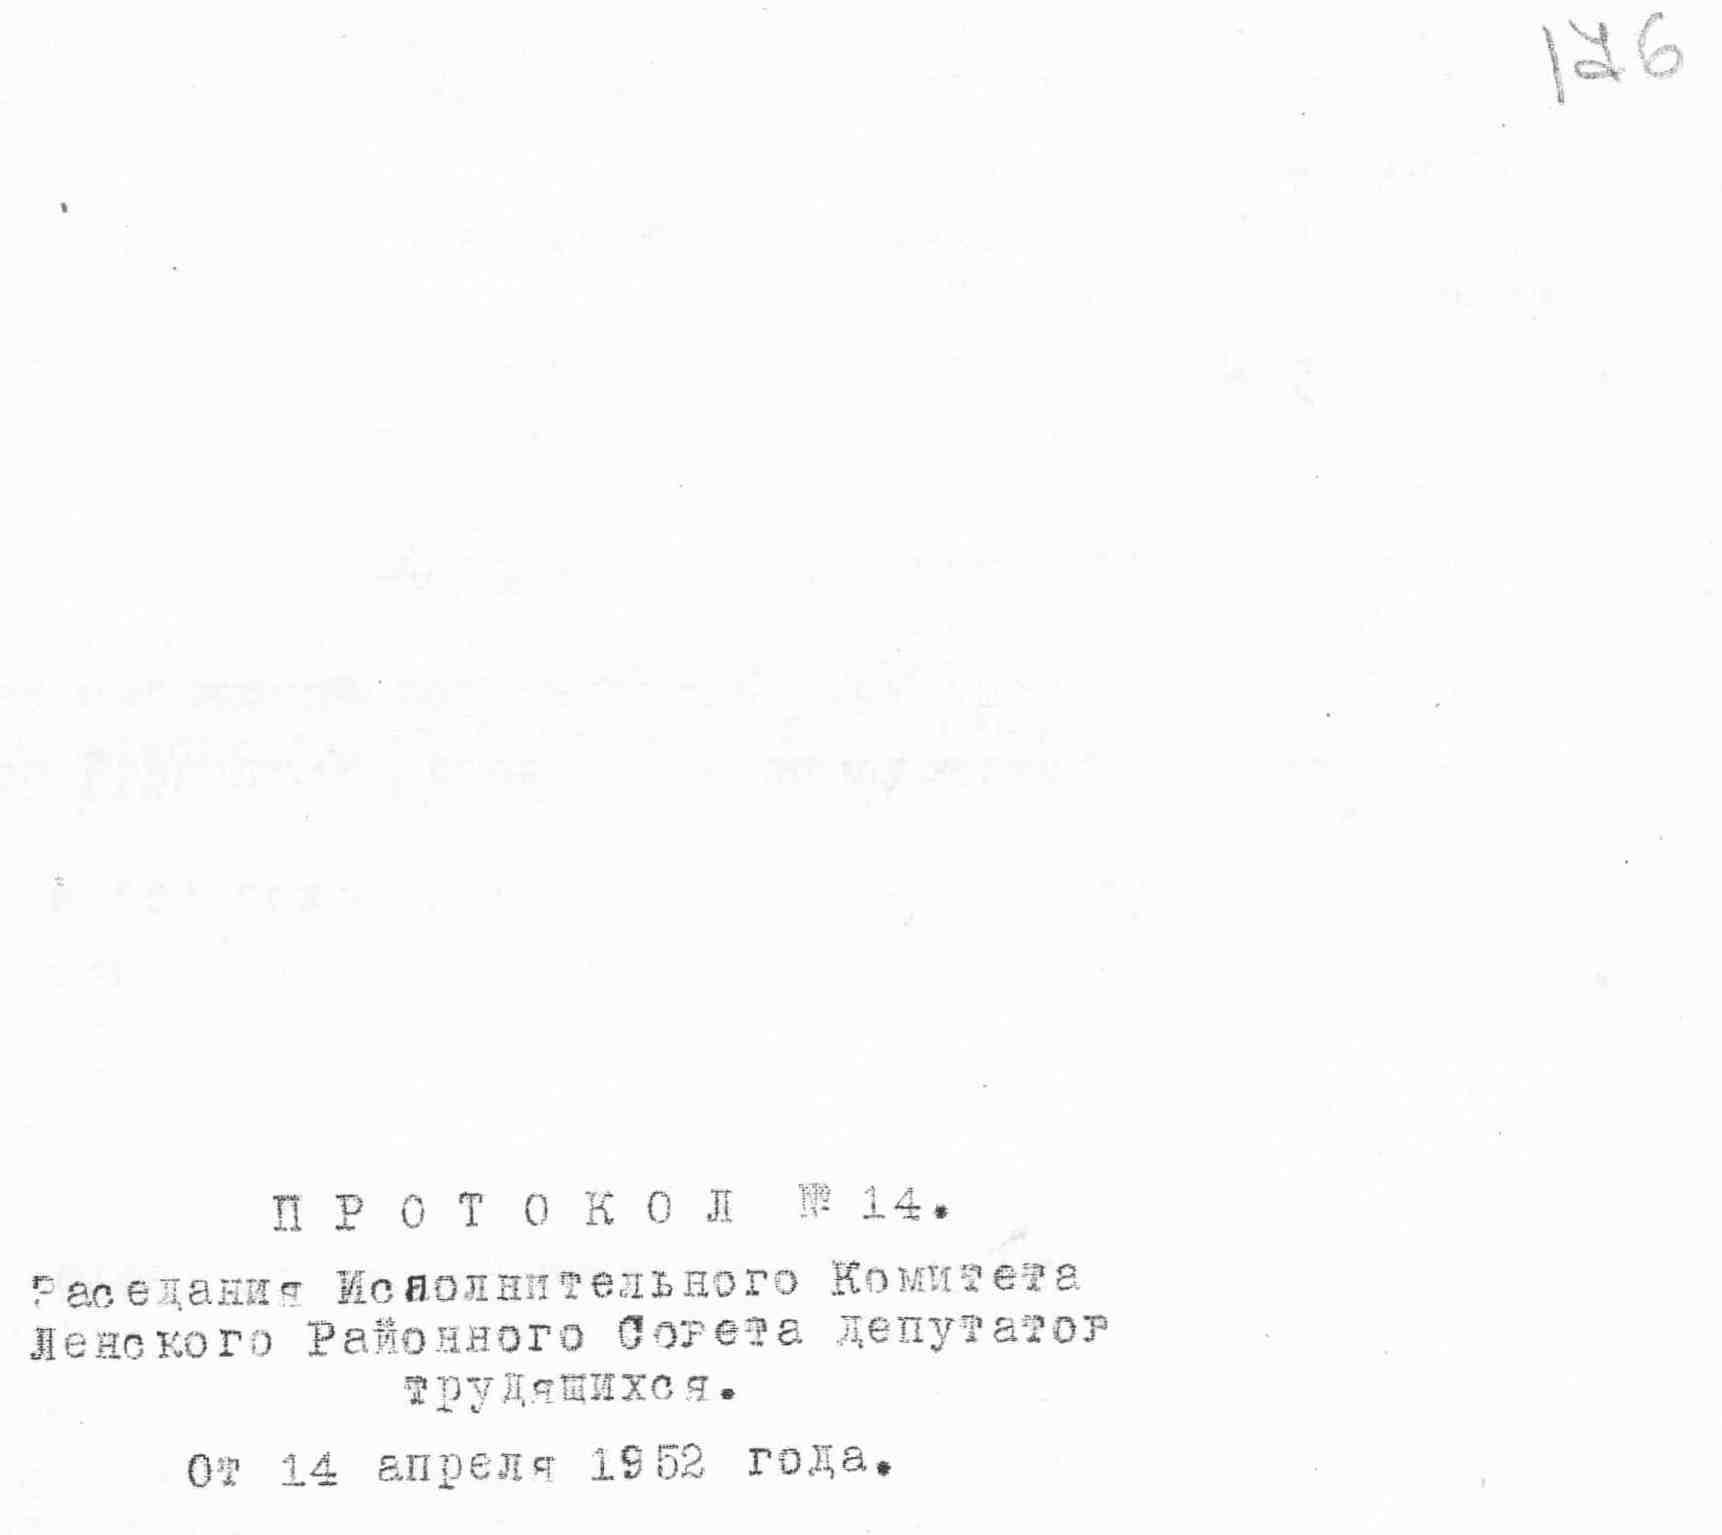 5. Протокол Ленского райисполкома № 14 от 14.04.1952. Об образовании Няндского сельсовета. ЛМА ф.1 оп.1 д.314 л.176